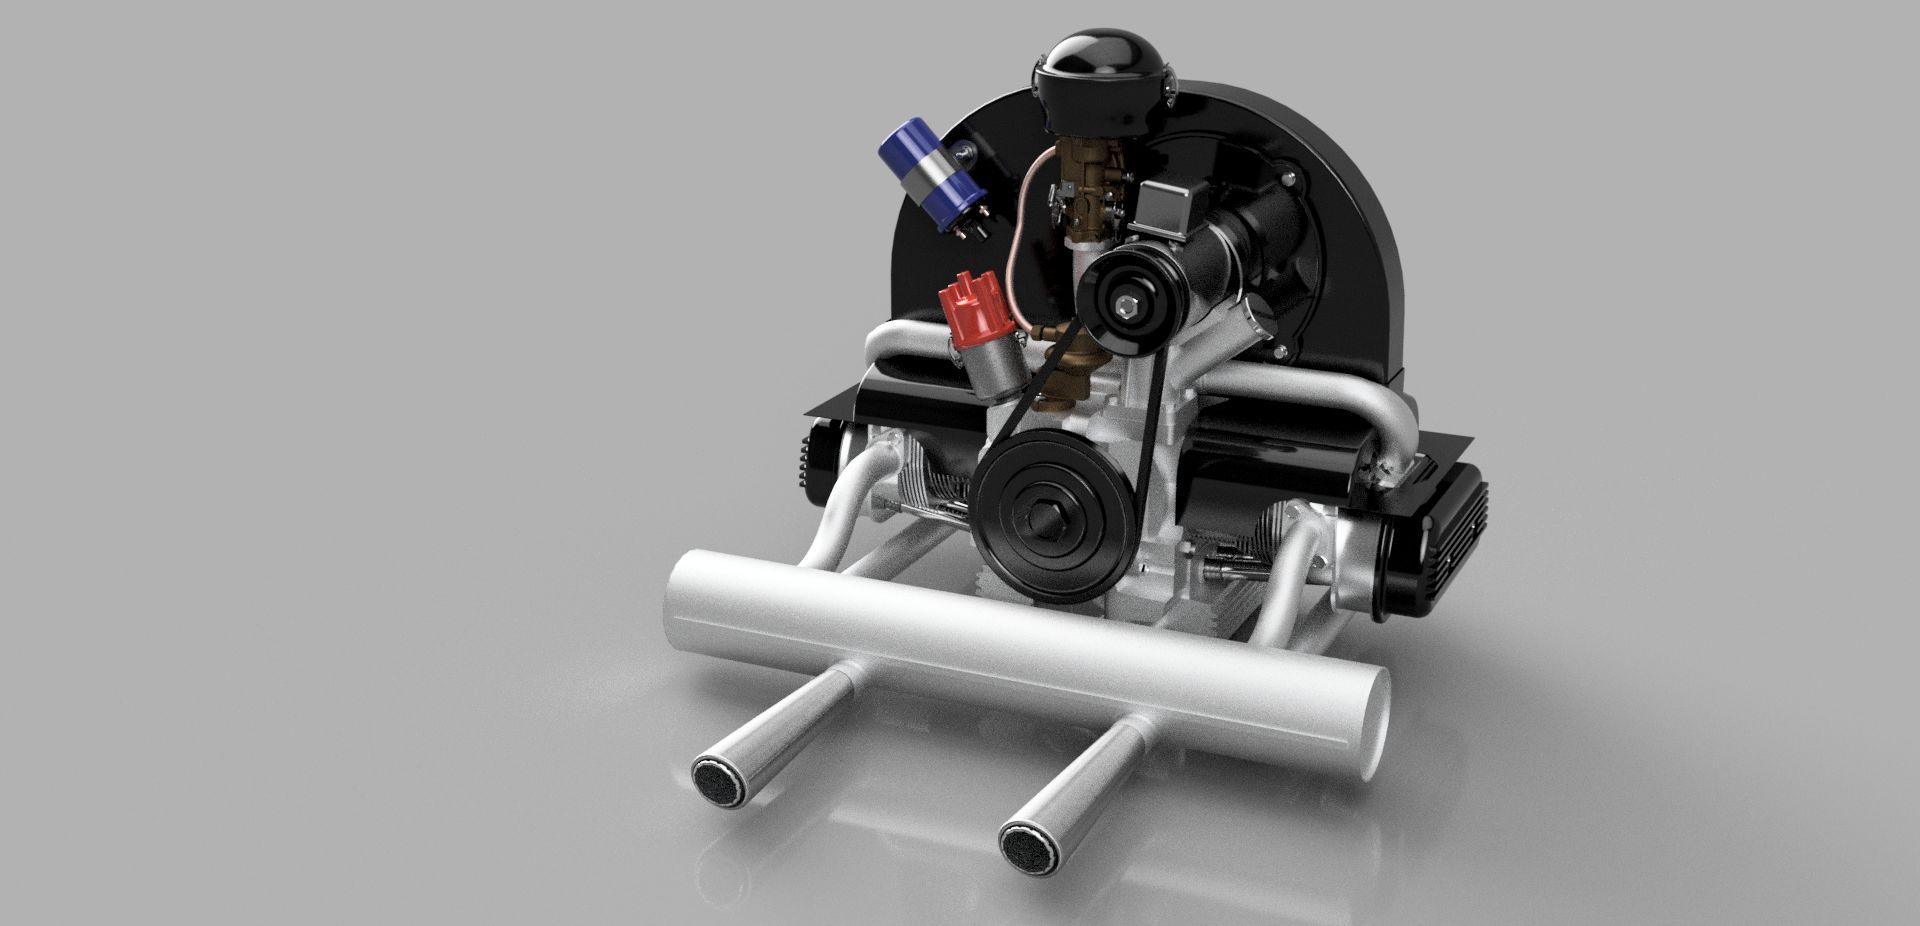 Vw-motor-v9-3500-3500